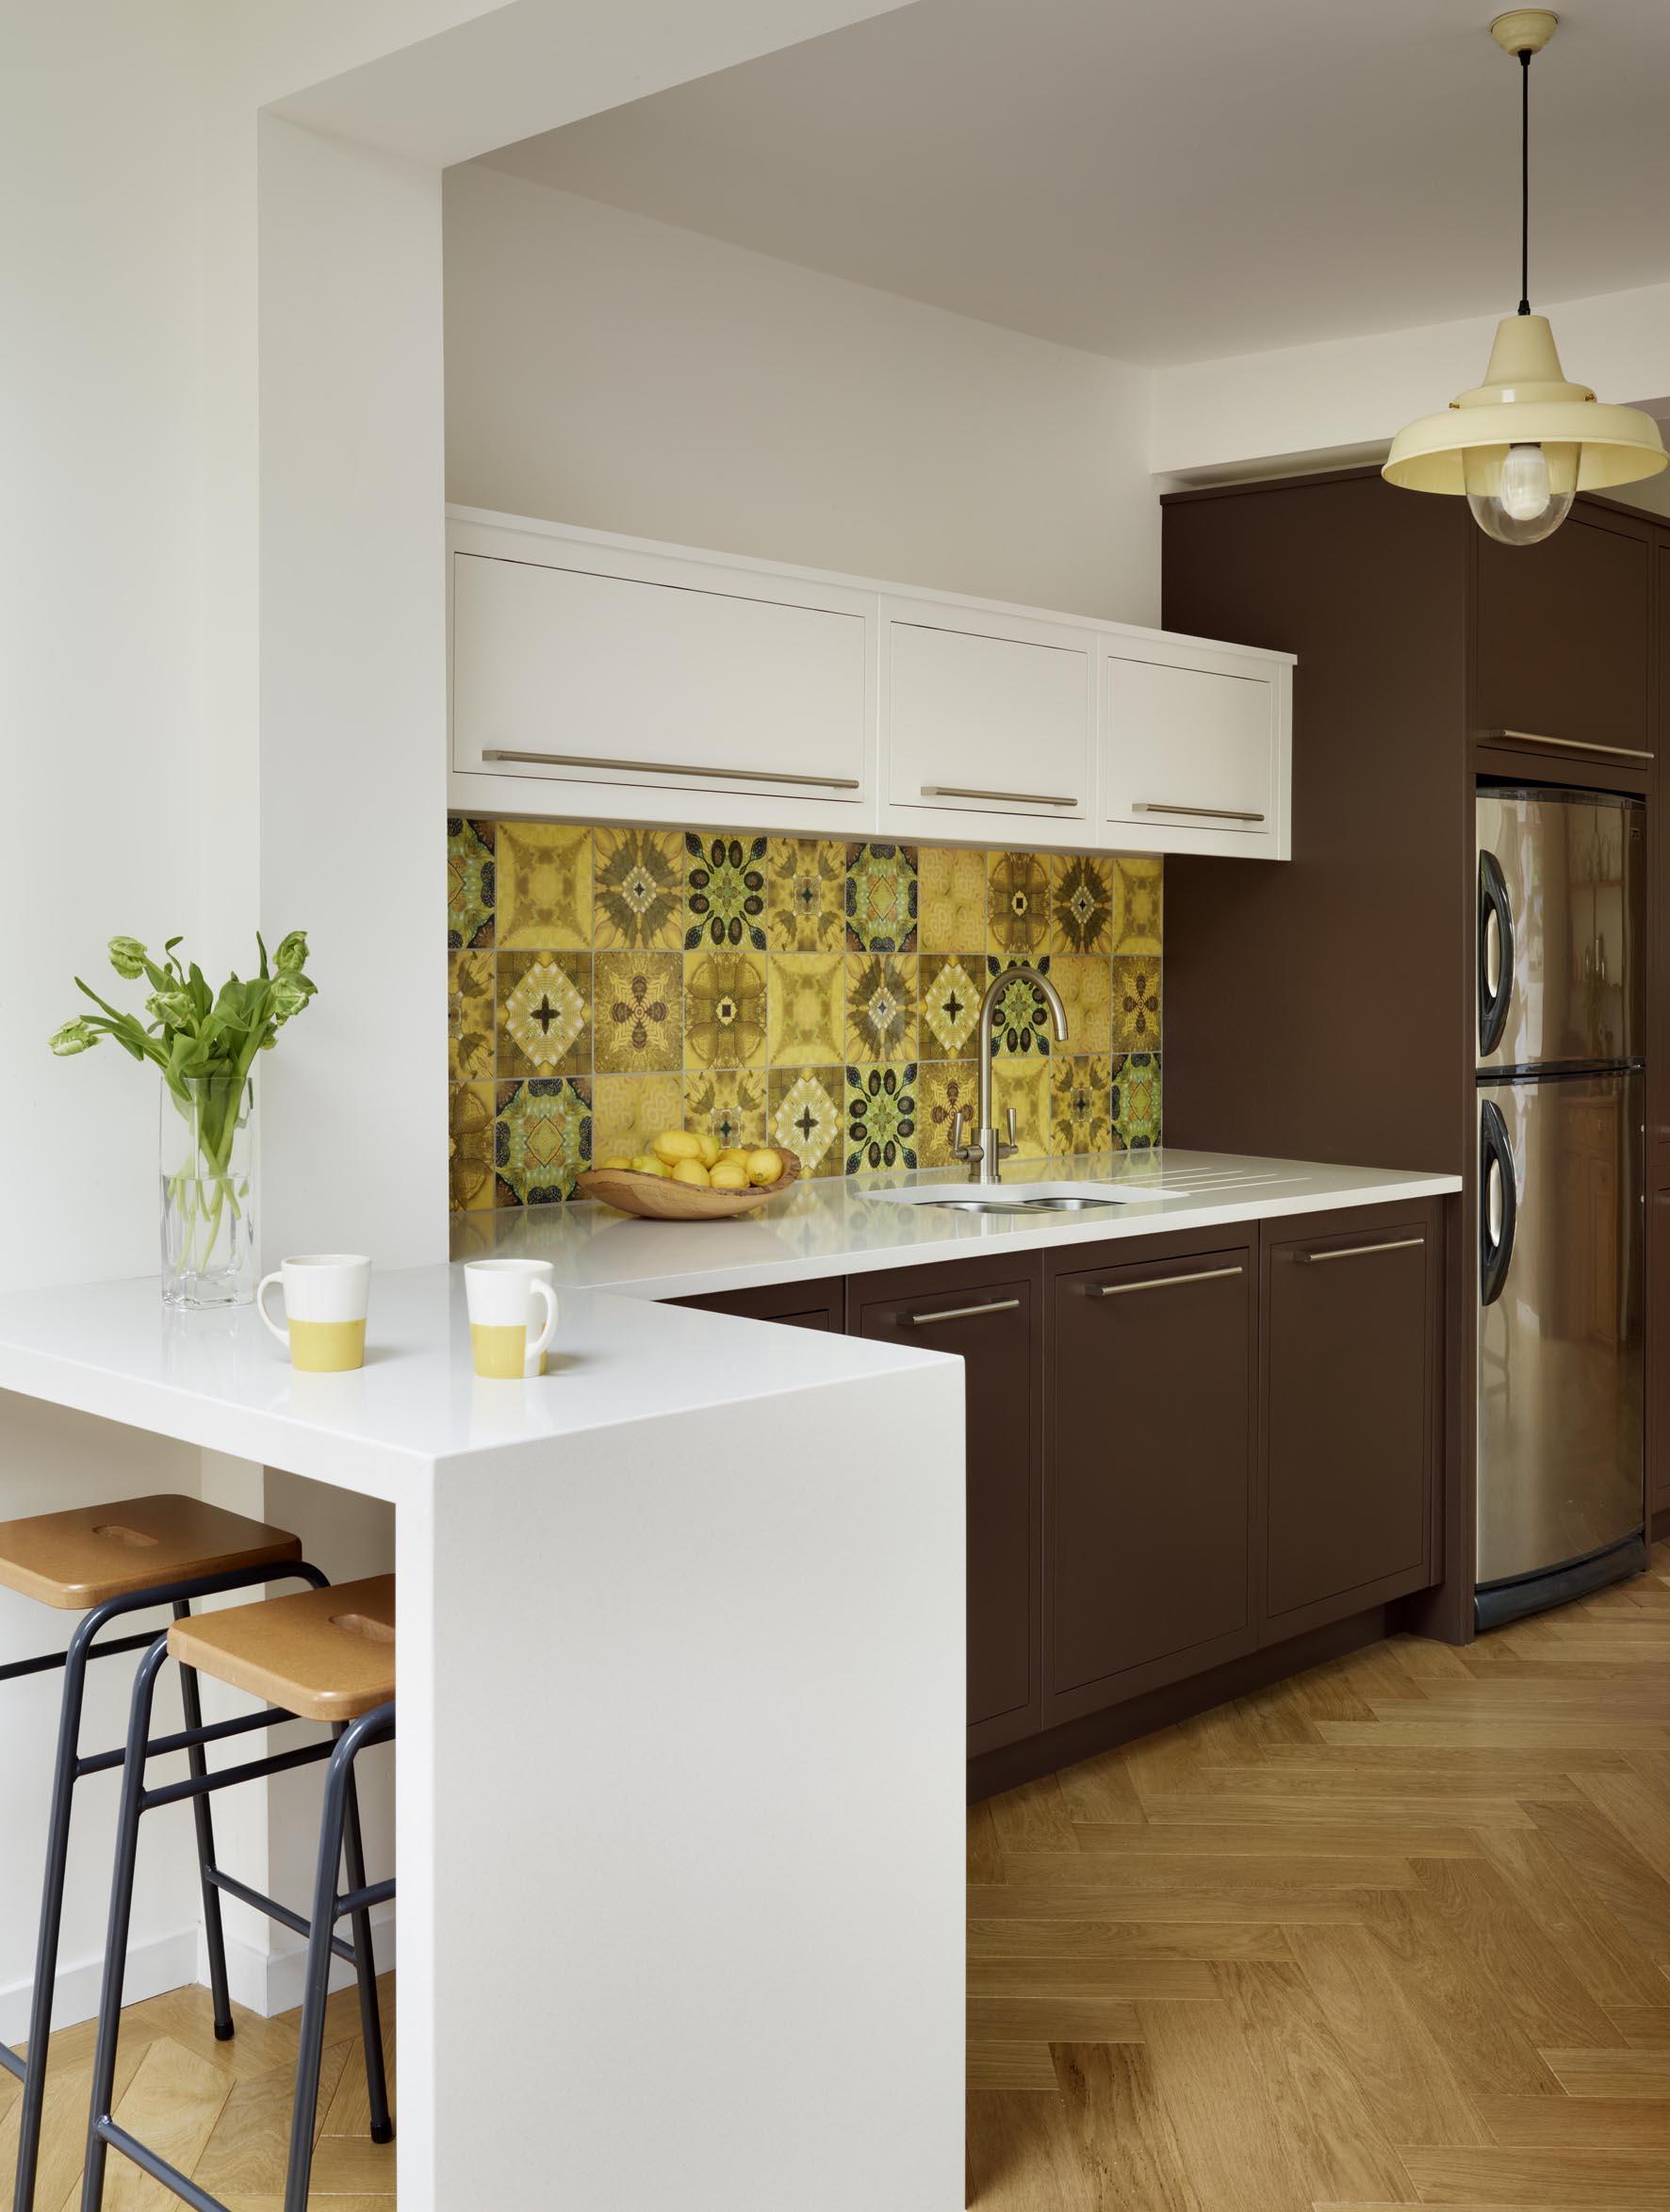 cuisine-inspiration-charmante-en-bois-blanc-en-forme-l-petite-cuisine-idees-de-conception-avec-des-armoires-marron-fonce-polies-dans-des-cuisines ouvertes-chic-petite-cuisine-idees-design- aménagement-et-agencement-de-meubles